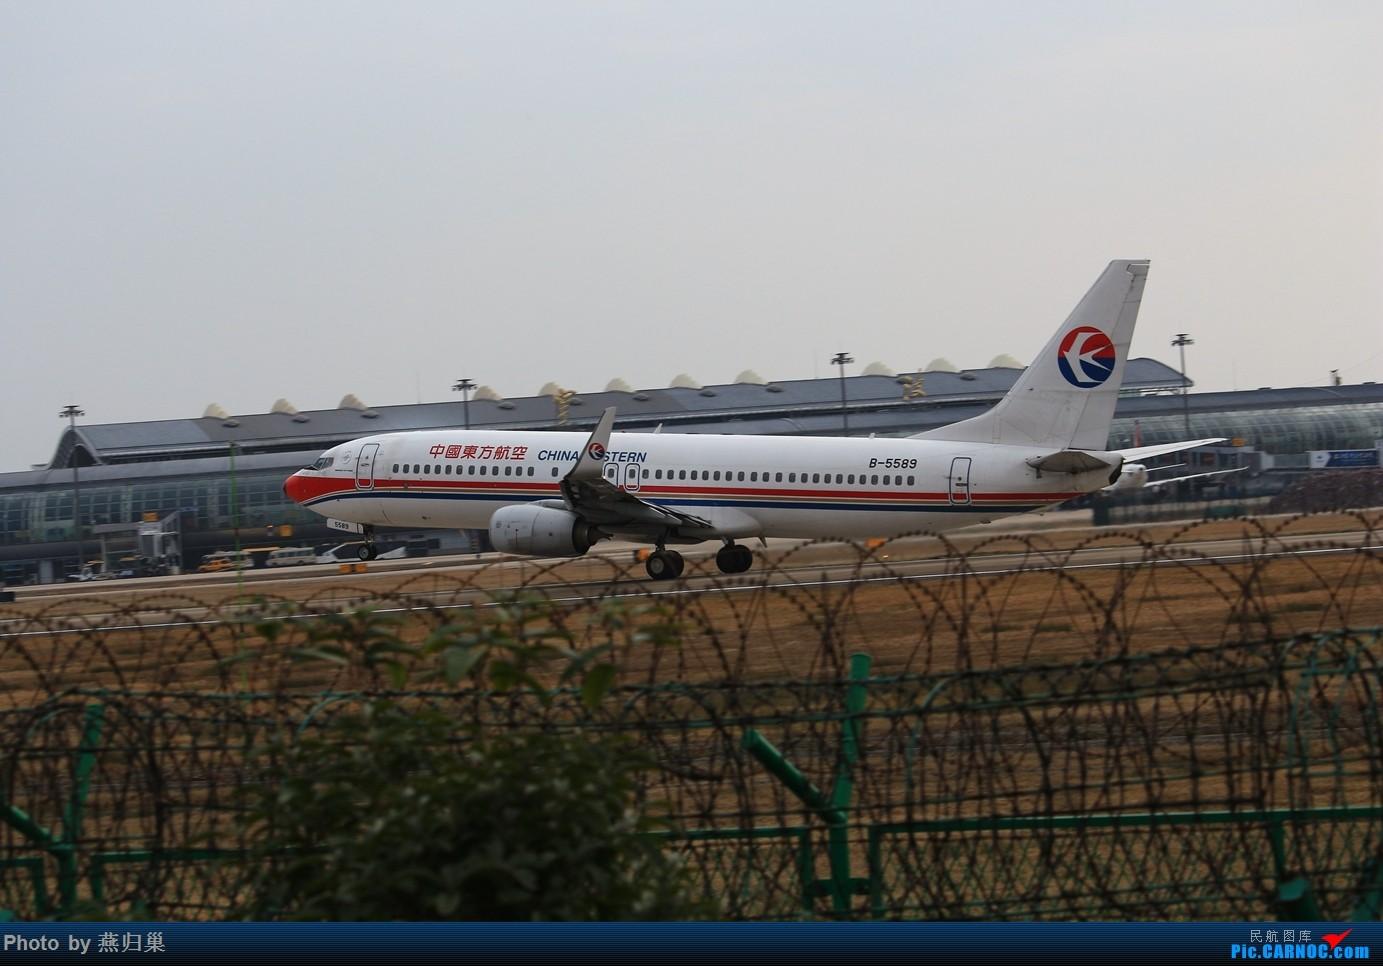 Re:[原创]【宁波飞友会】年前NGB拍机合集 BOEING 737-800 B-5589 中国宁波栎社国际机场